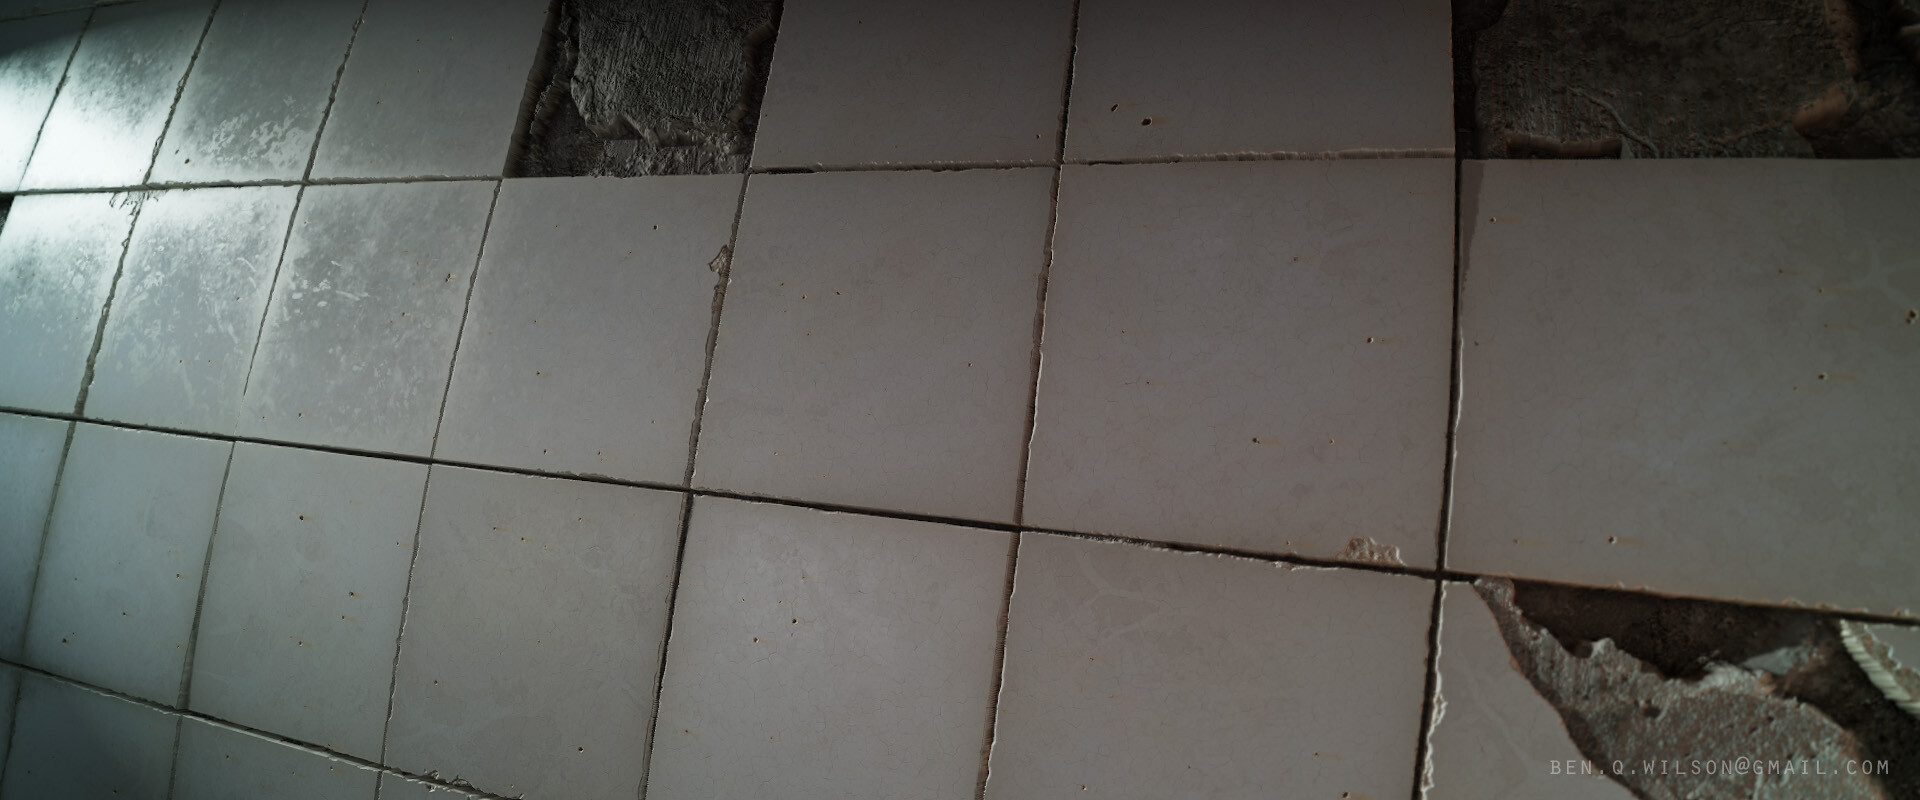 Ben wilson broken tiles b render 1